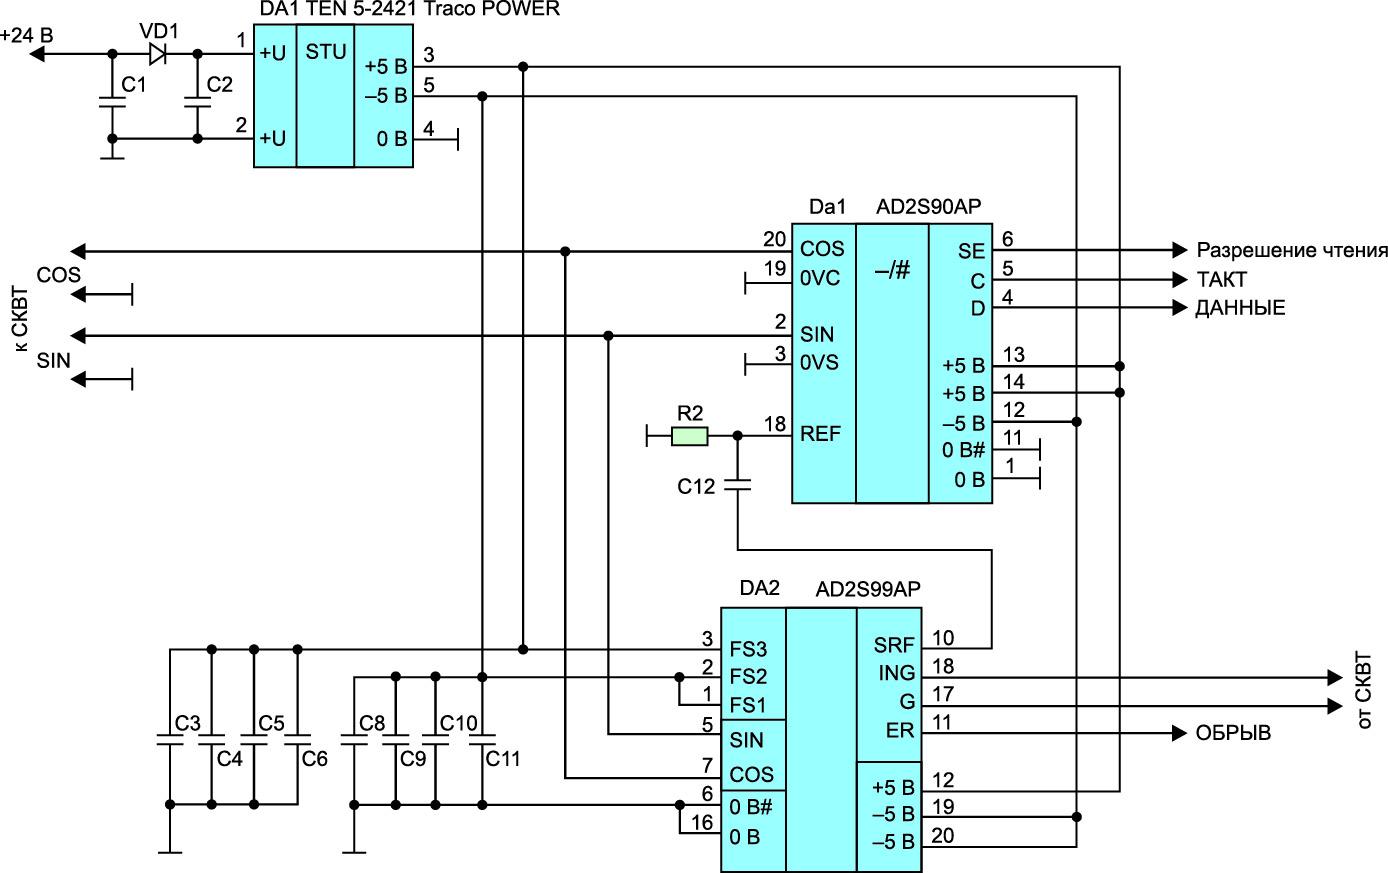 Вариант построения преобразователя сигналов СКВТ по следящему способу